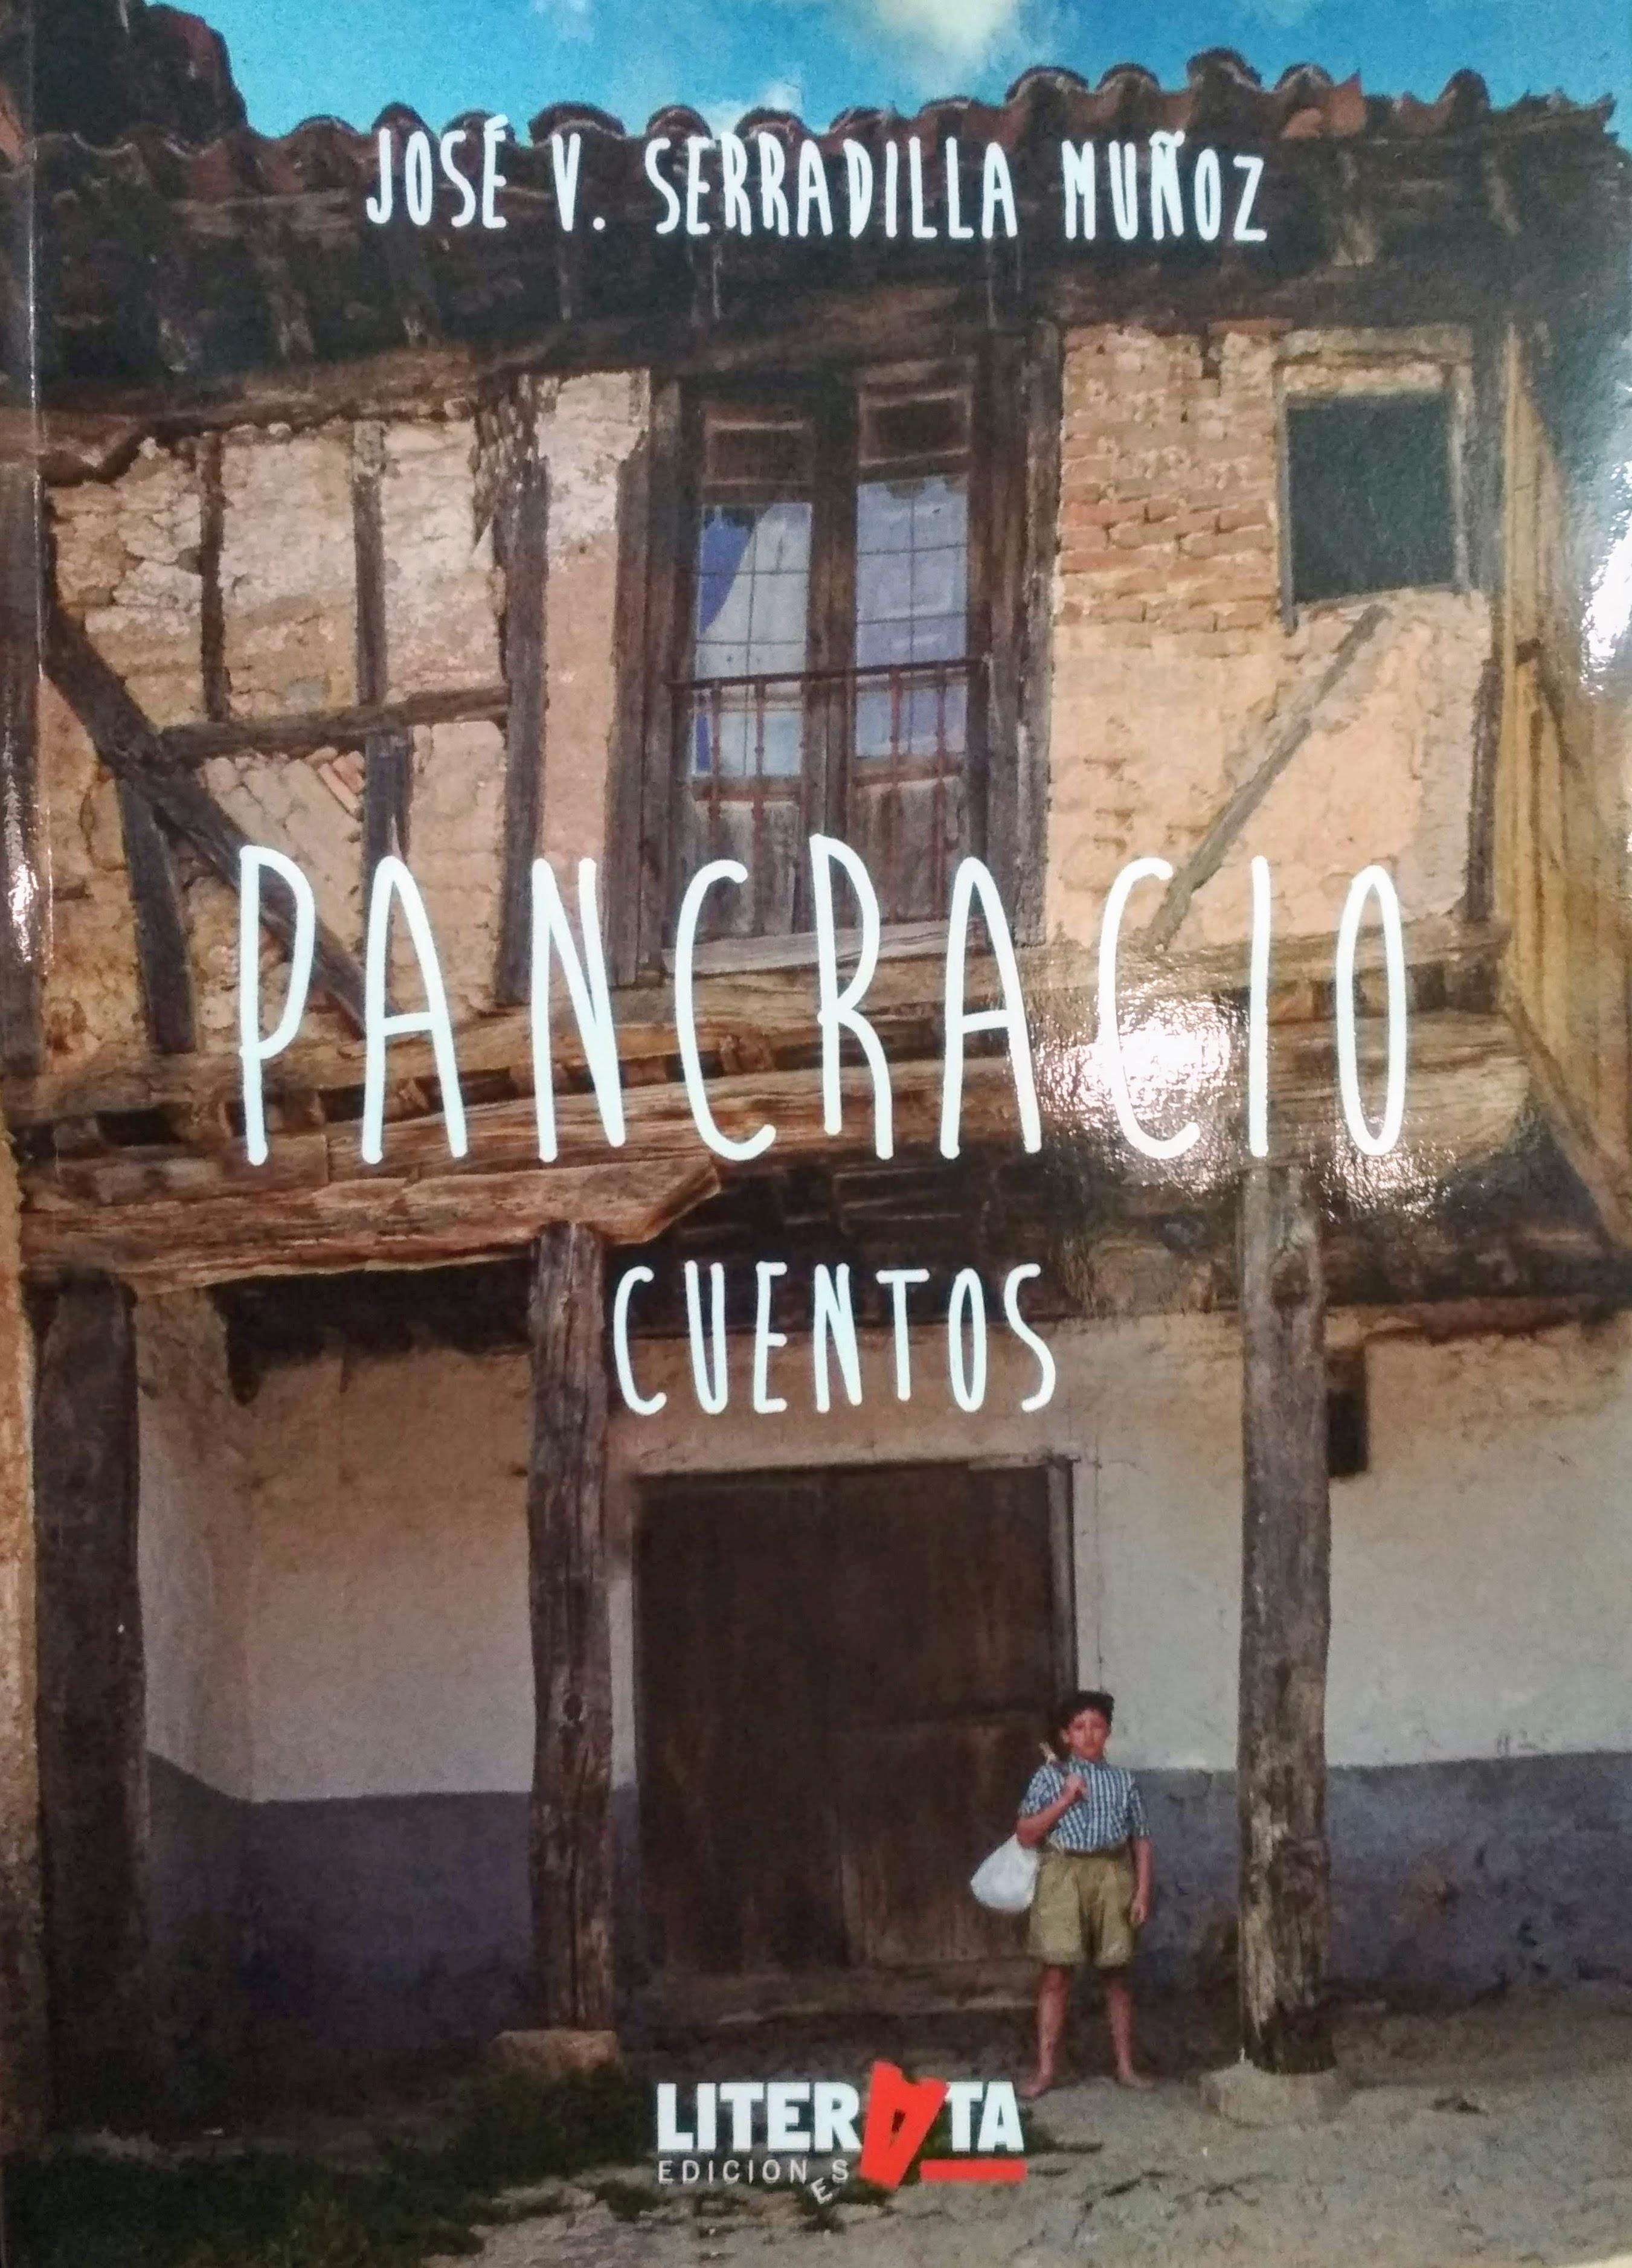 Pancracio (Cuentos)